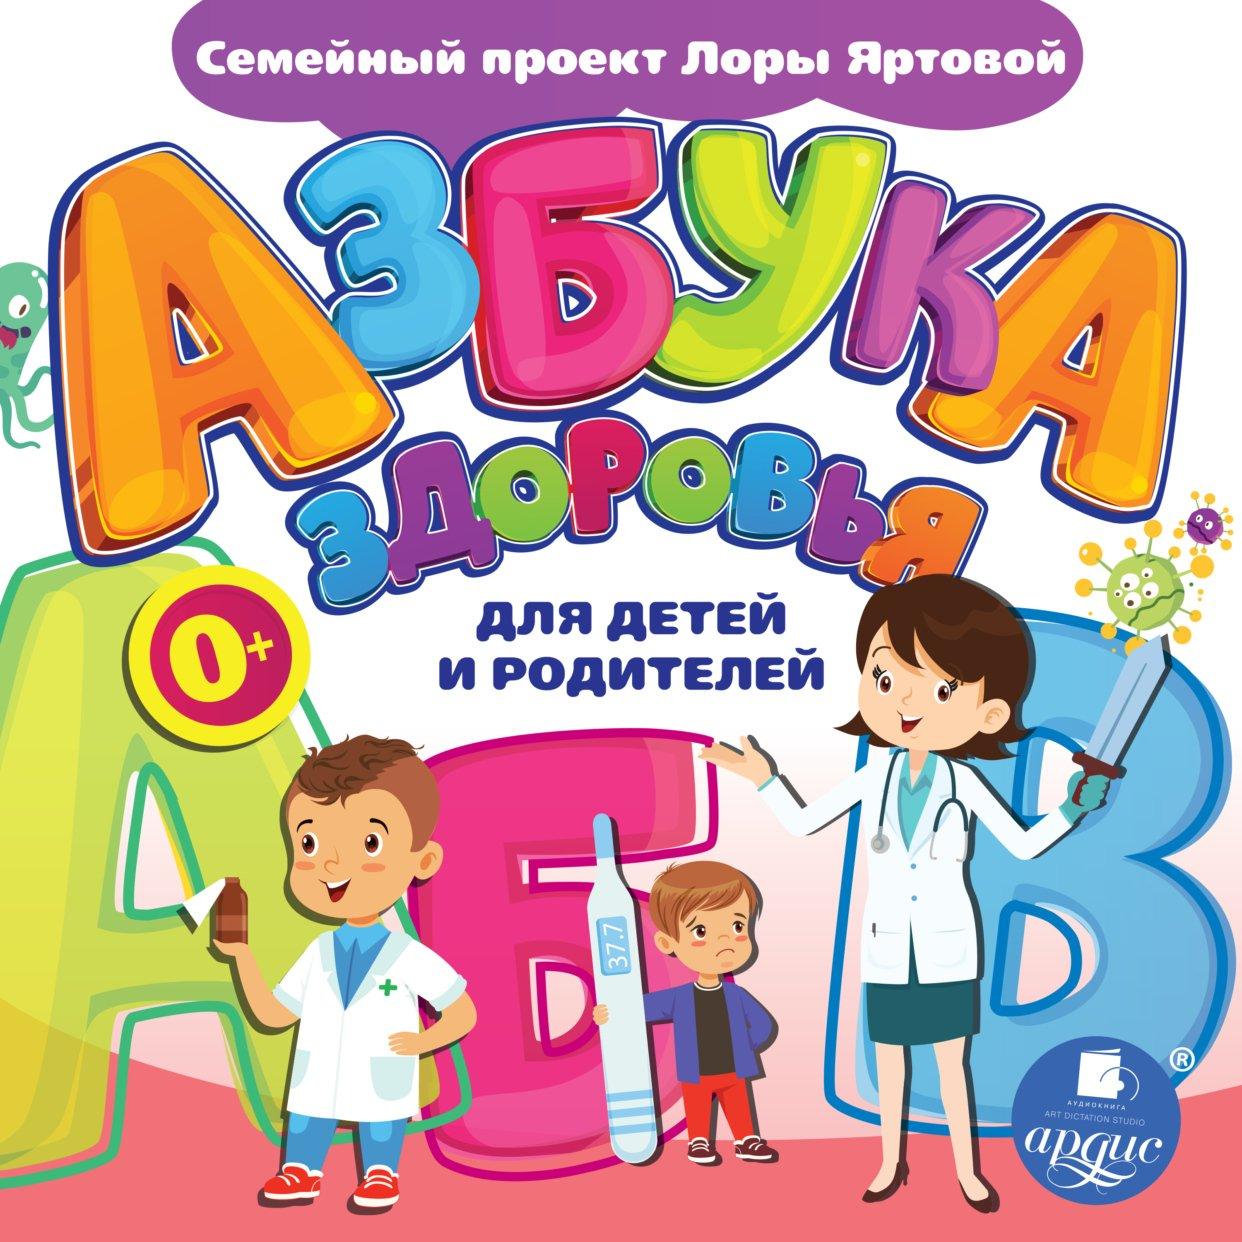 Азбука здоровья для детей и родителей